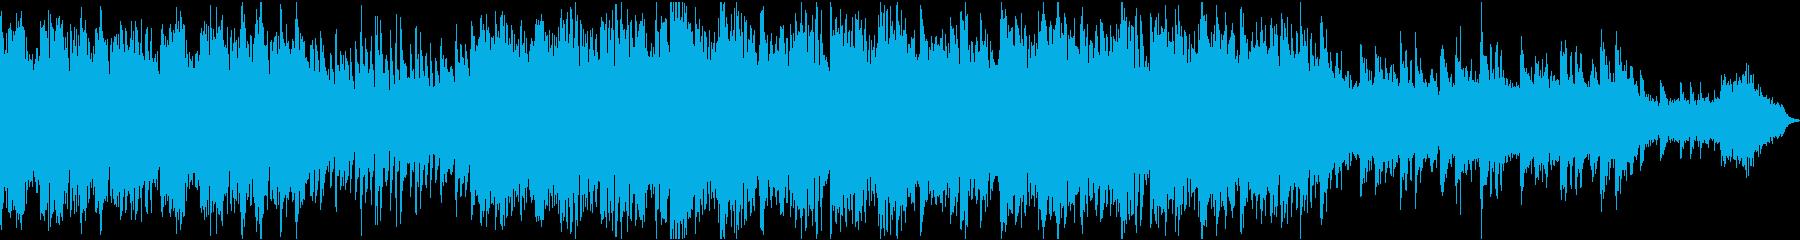 ほのぼの切ない和風曲(ループ)の再生済みの波形